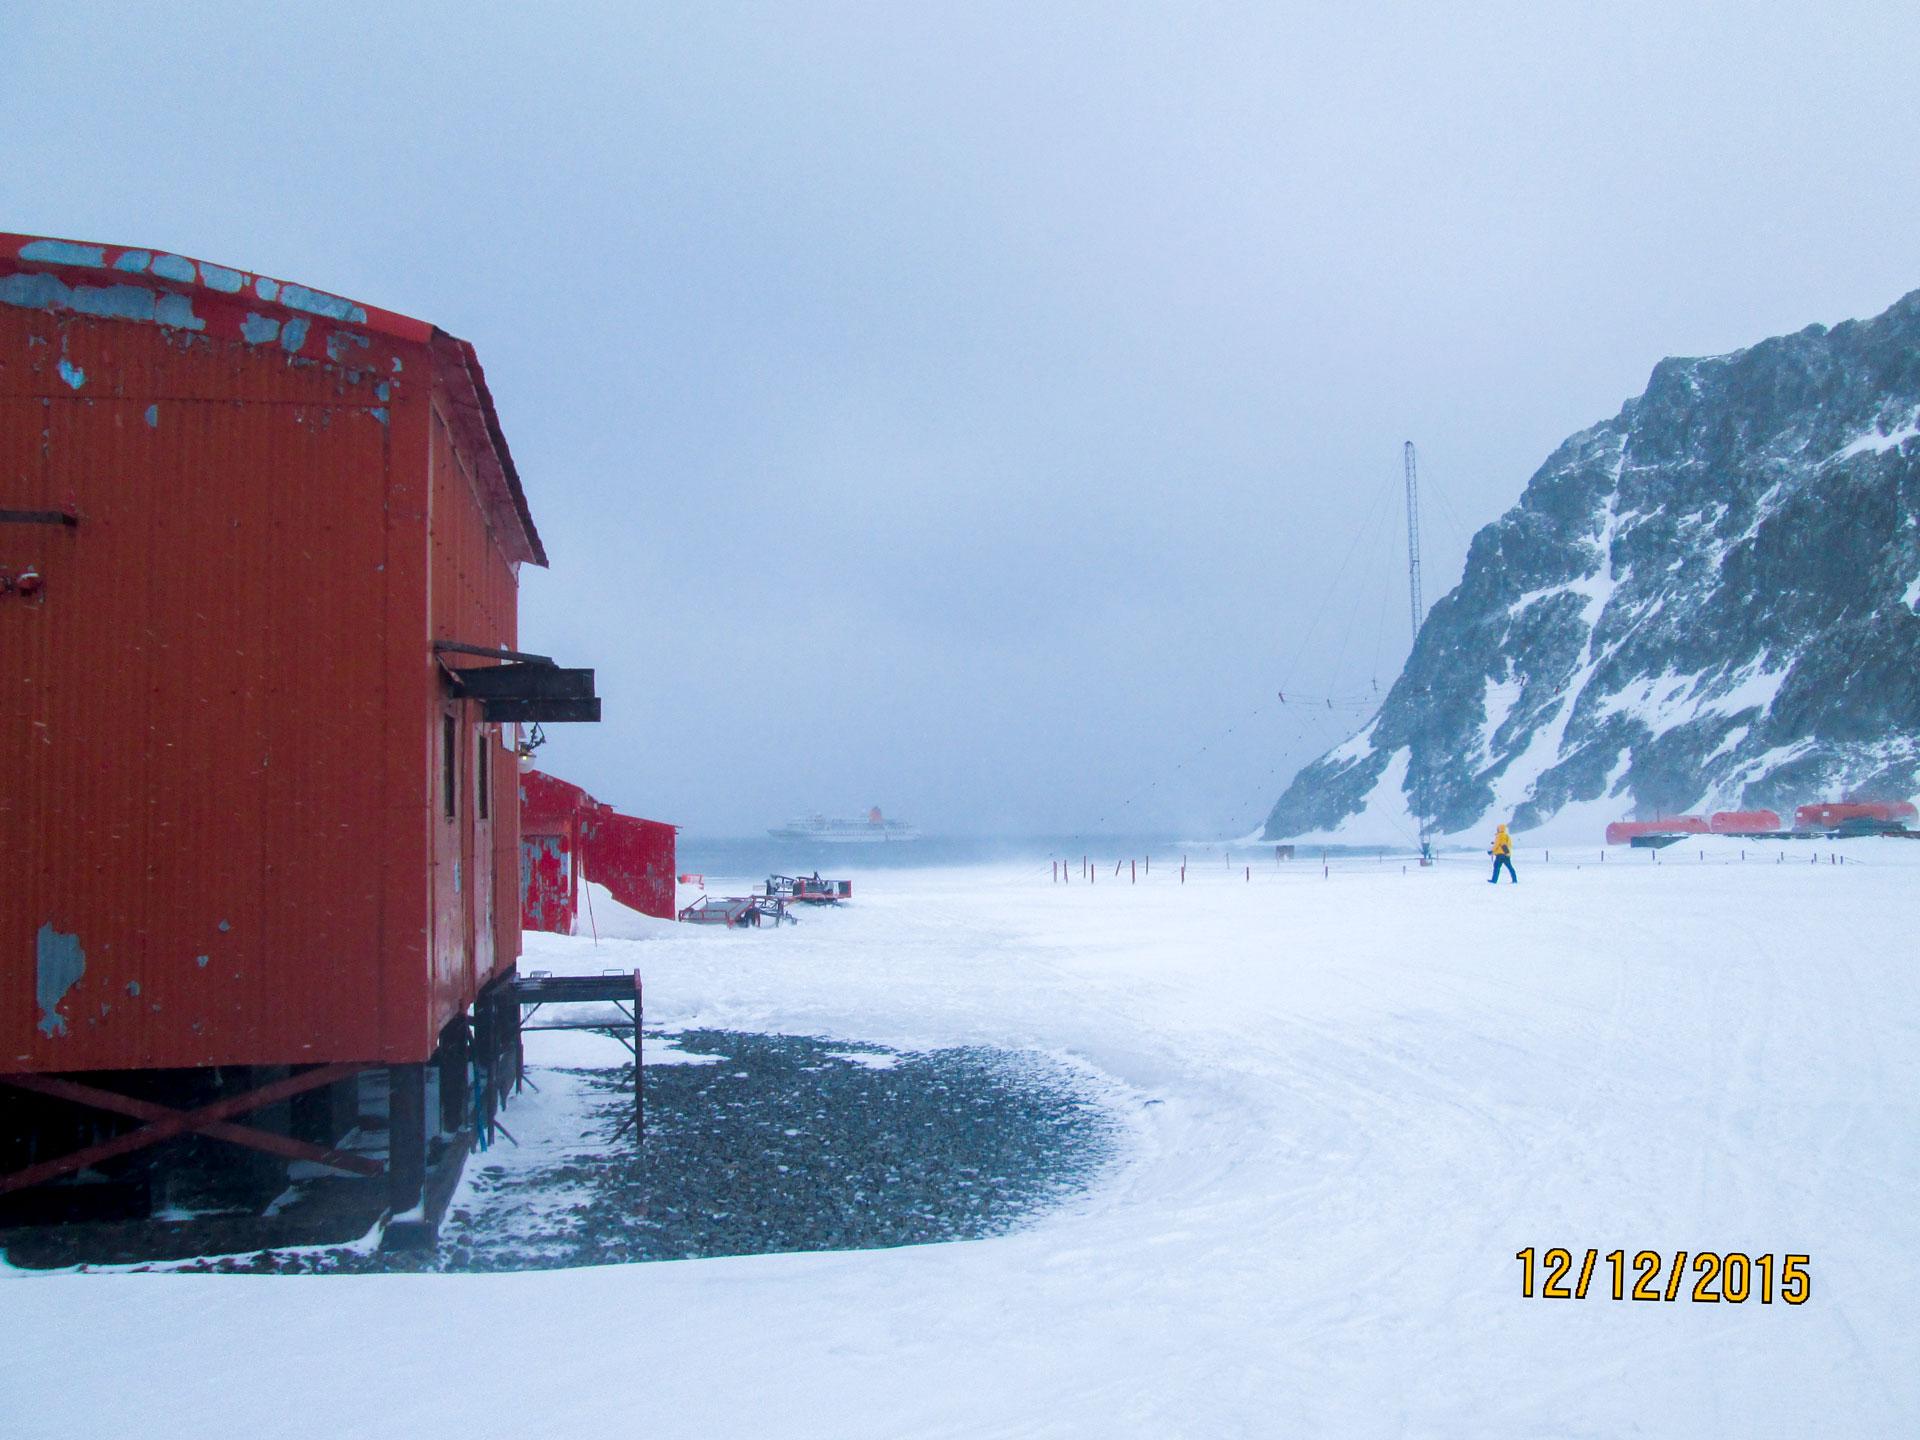 Forschungsstation in der Antarktis